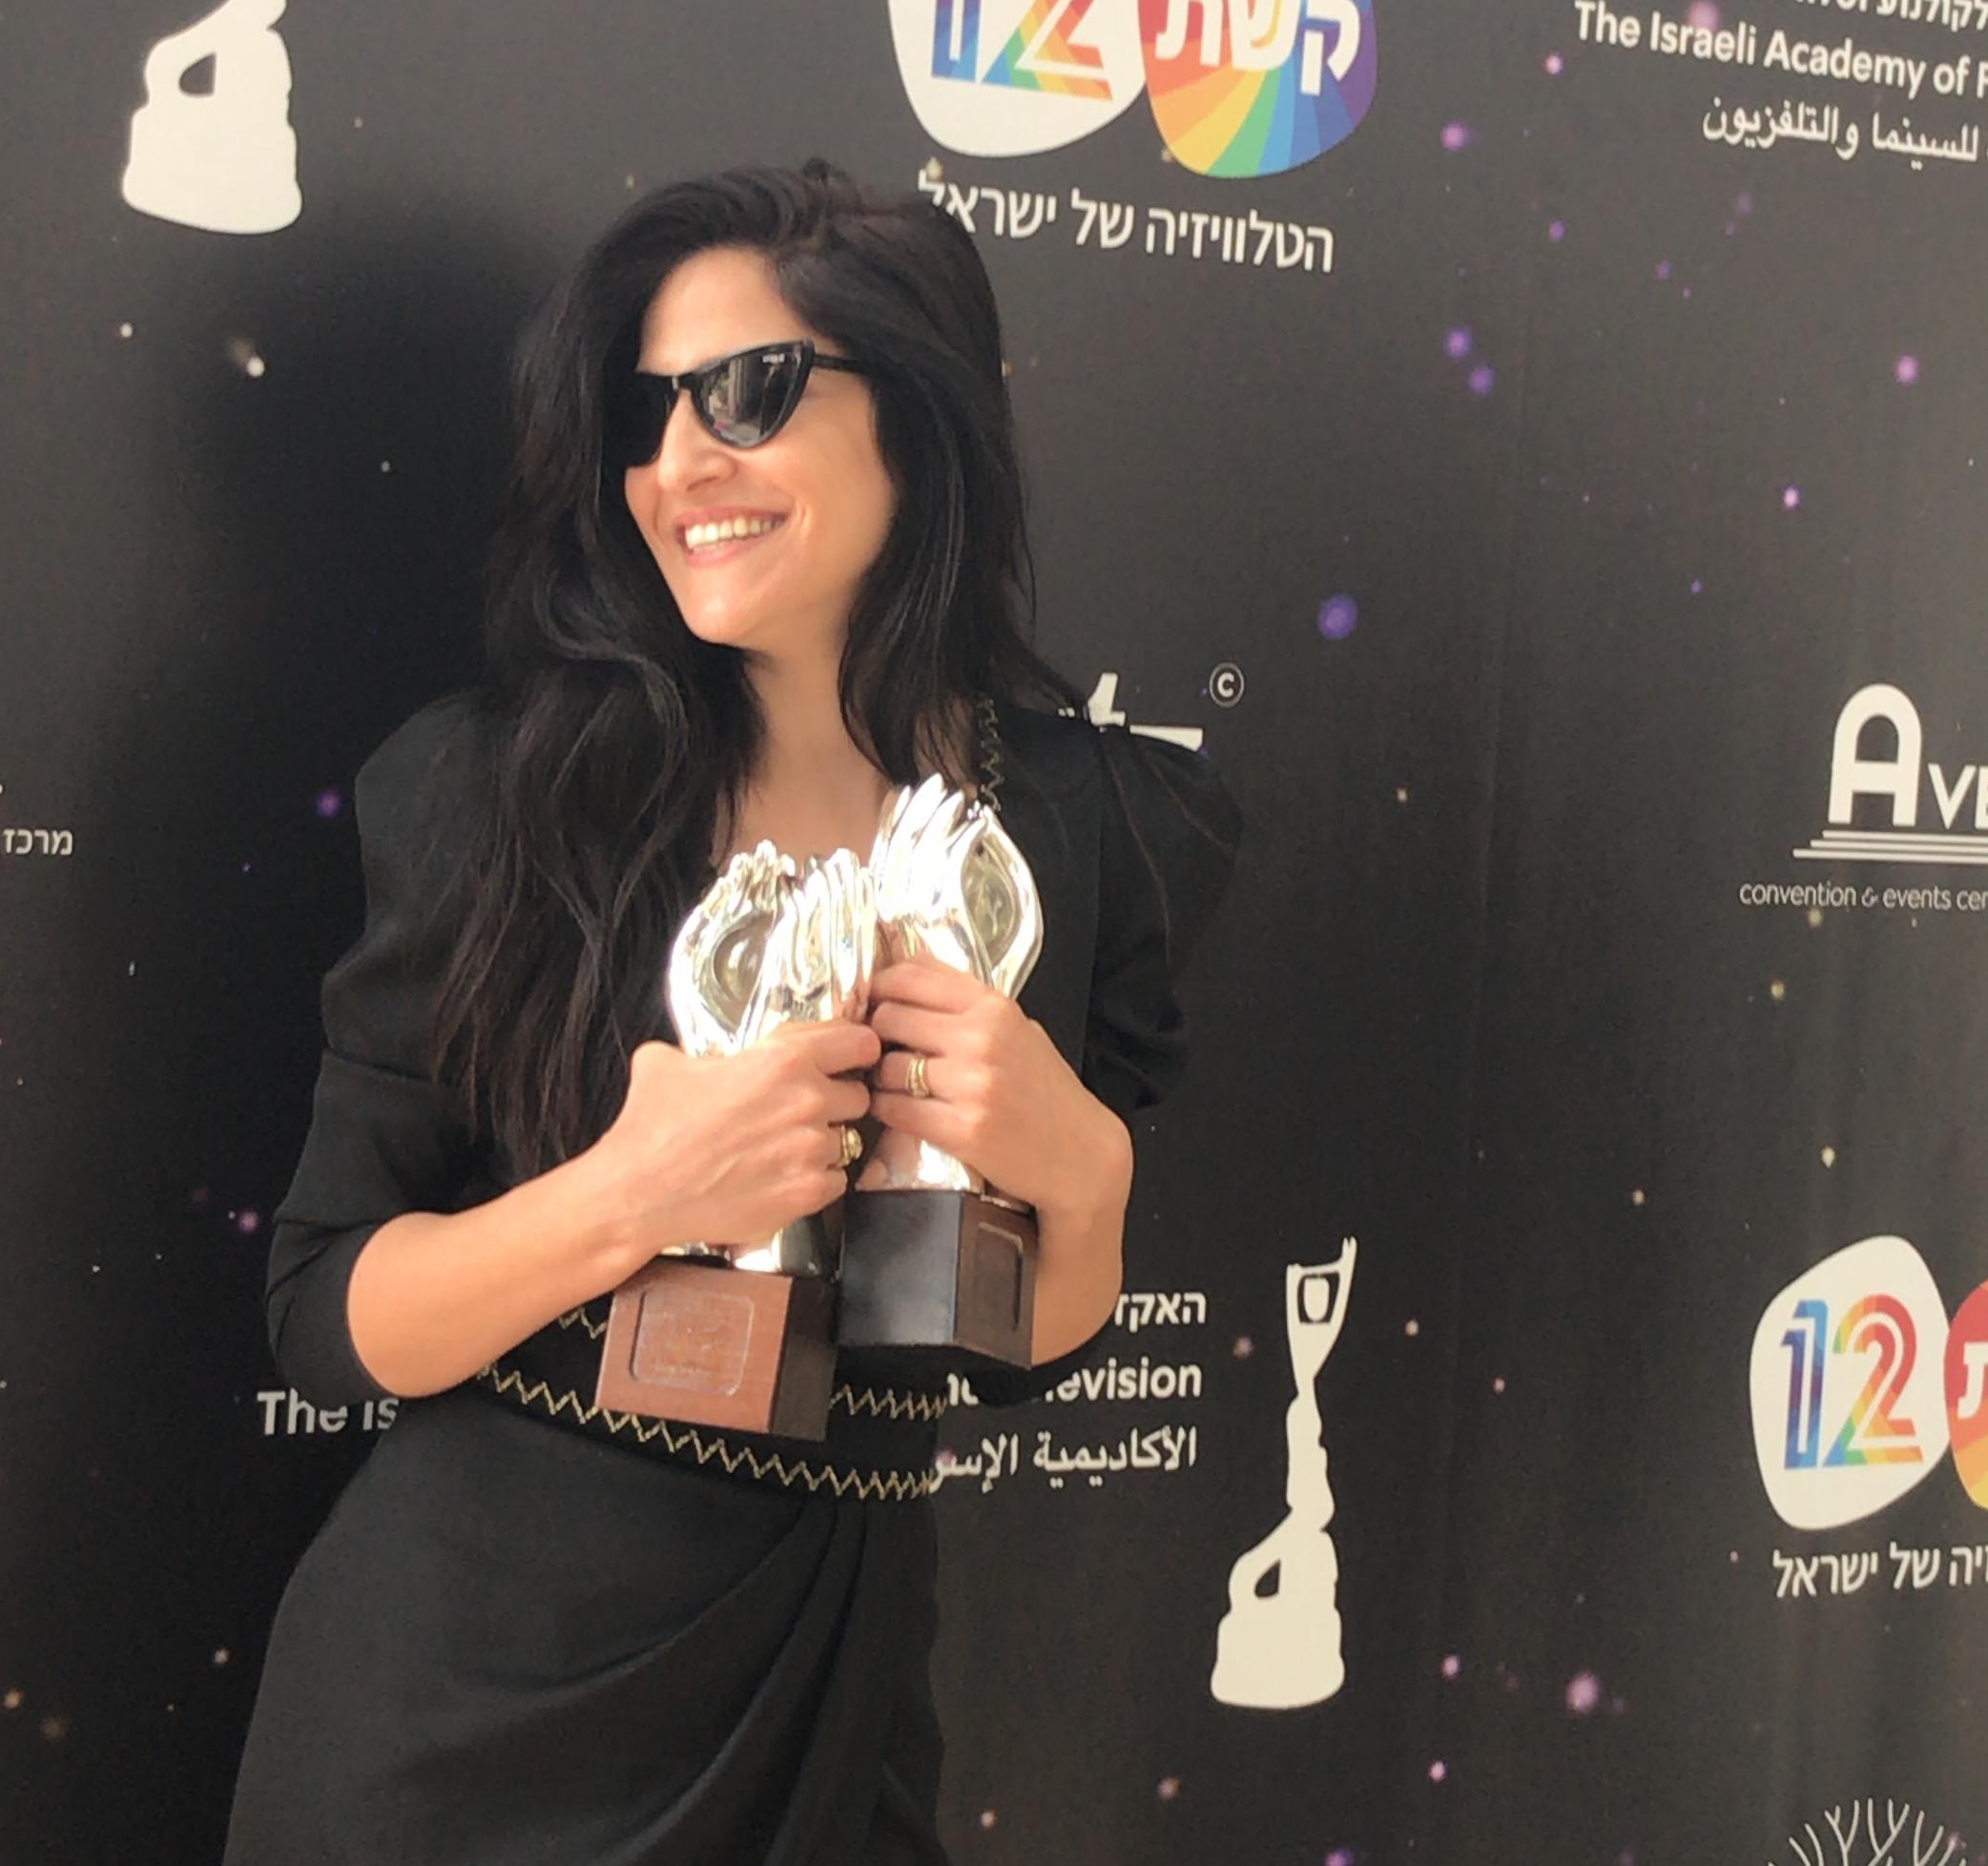 מגי אזרזר בטקס פרסי האקדמיה